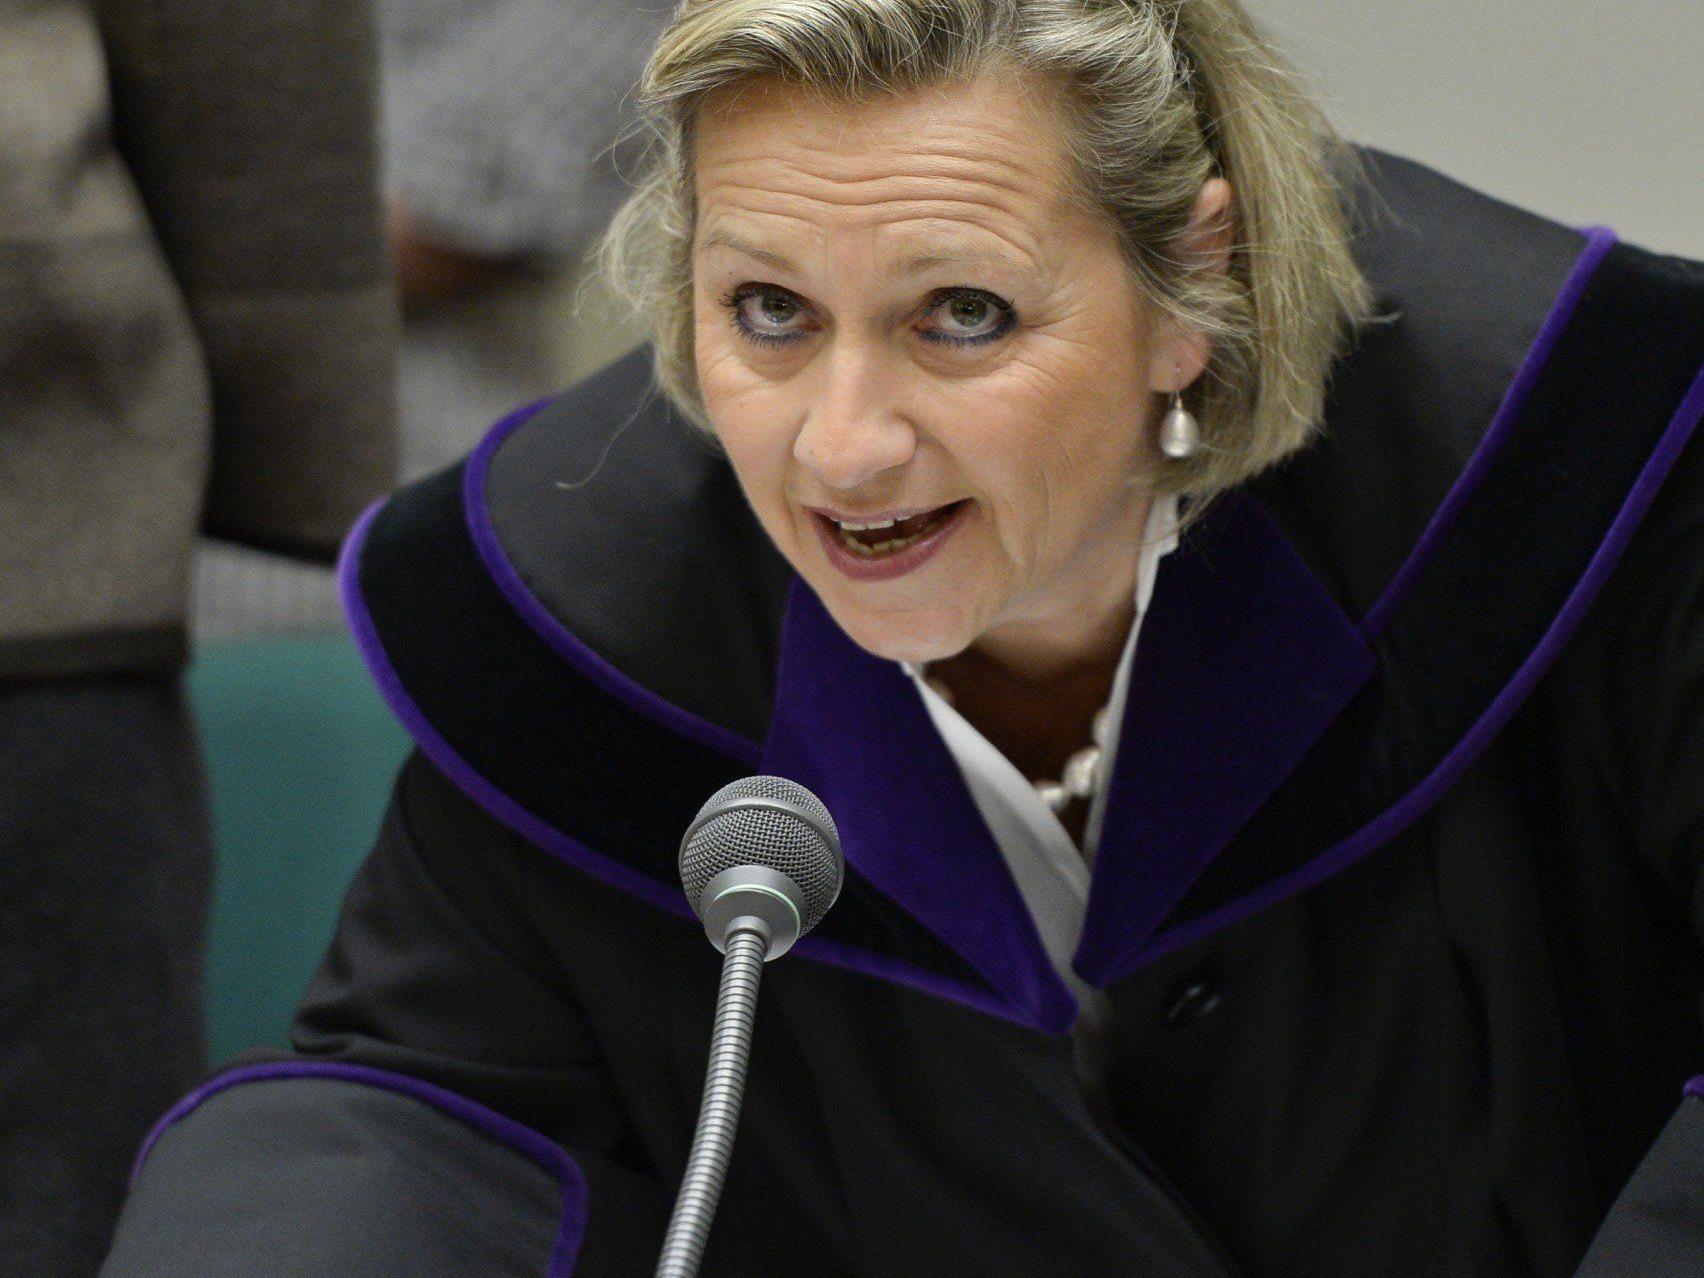 Richterin Moravec-Loidolt beendete den Telekom V-Prozess, nachdem der Staatsanwalt die Anklage zurück zog.